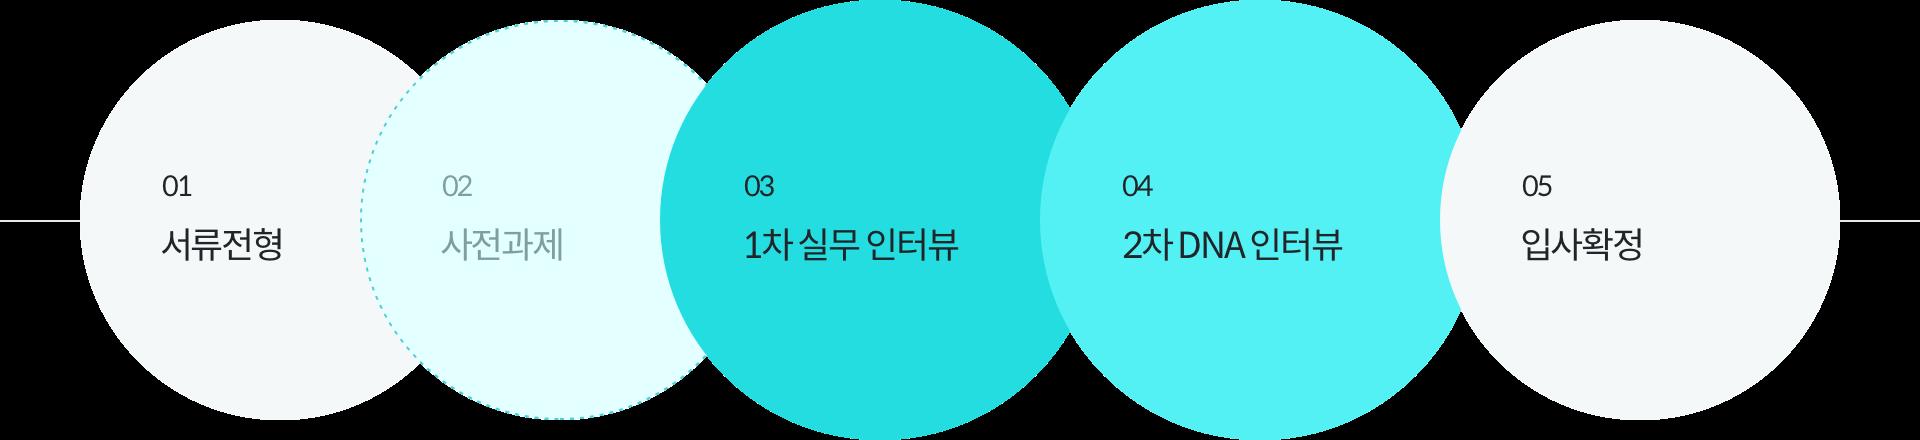 01.서류전형 - 02.사전과제 - 03.1차 실무 인터뷰 - 04.2차 DNA 인터뷰 - 05.입사확정